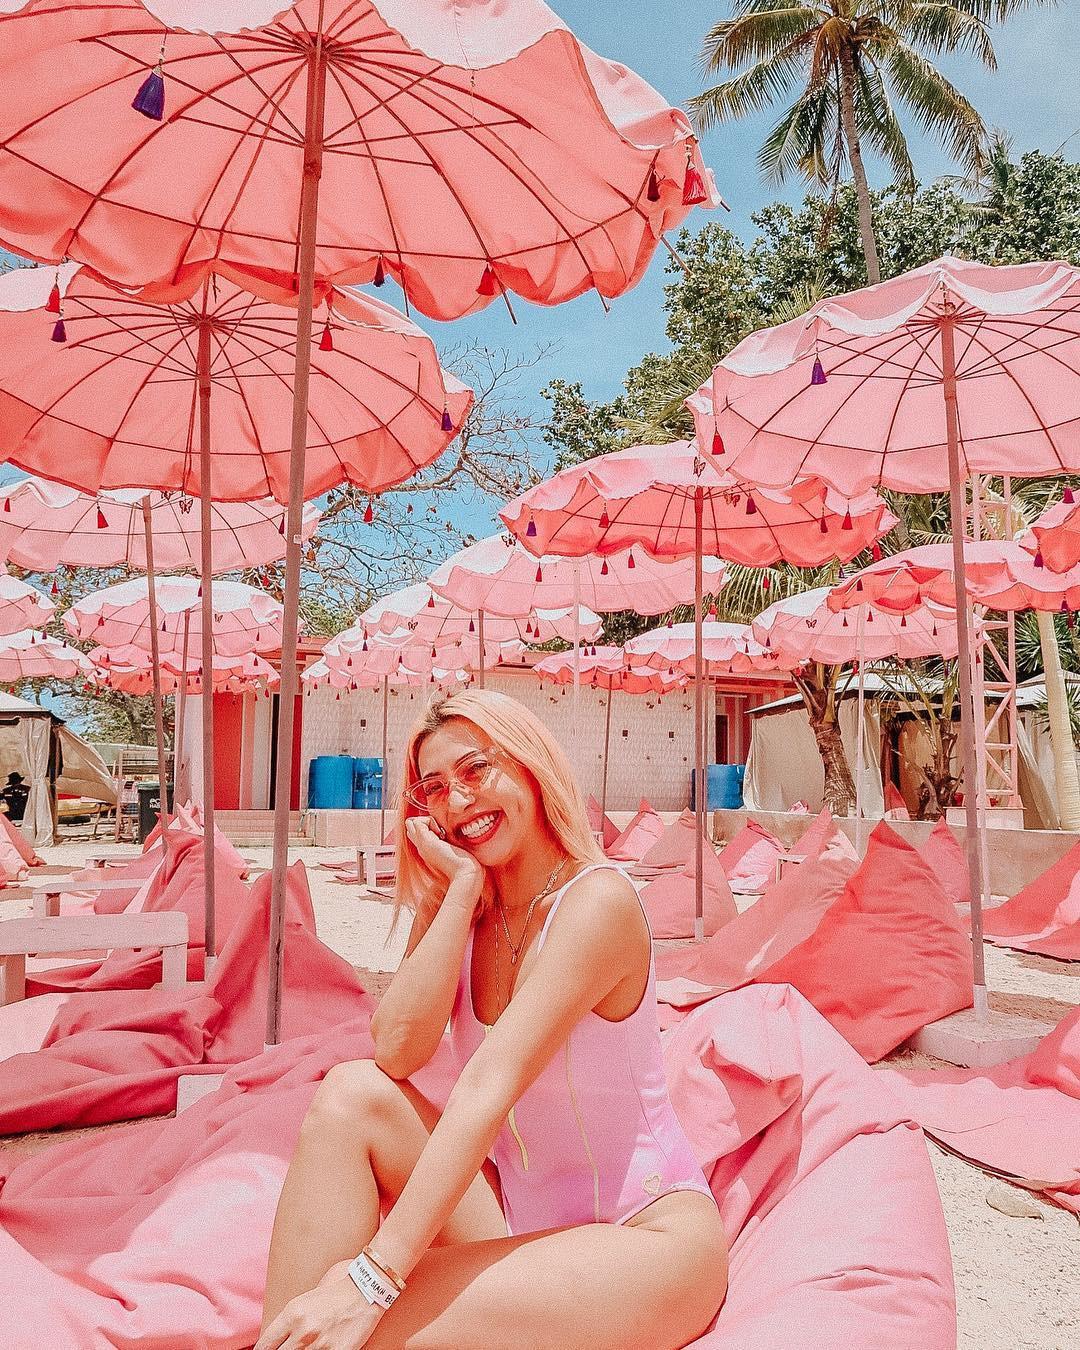 Ngất lịm với hàng trăm góc sống ảo xịn xò tại công viên phao nổi 7 sắc cầu vồng nổi tiếng nhất Philippines - Ảnh 9.